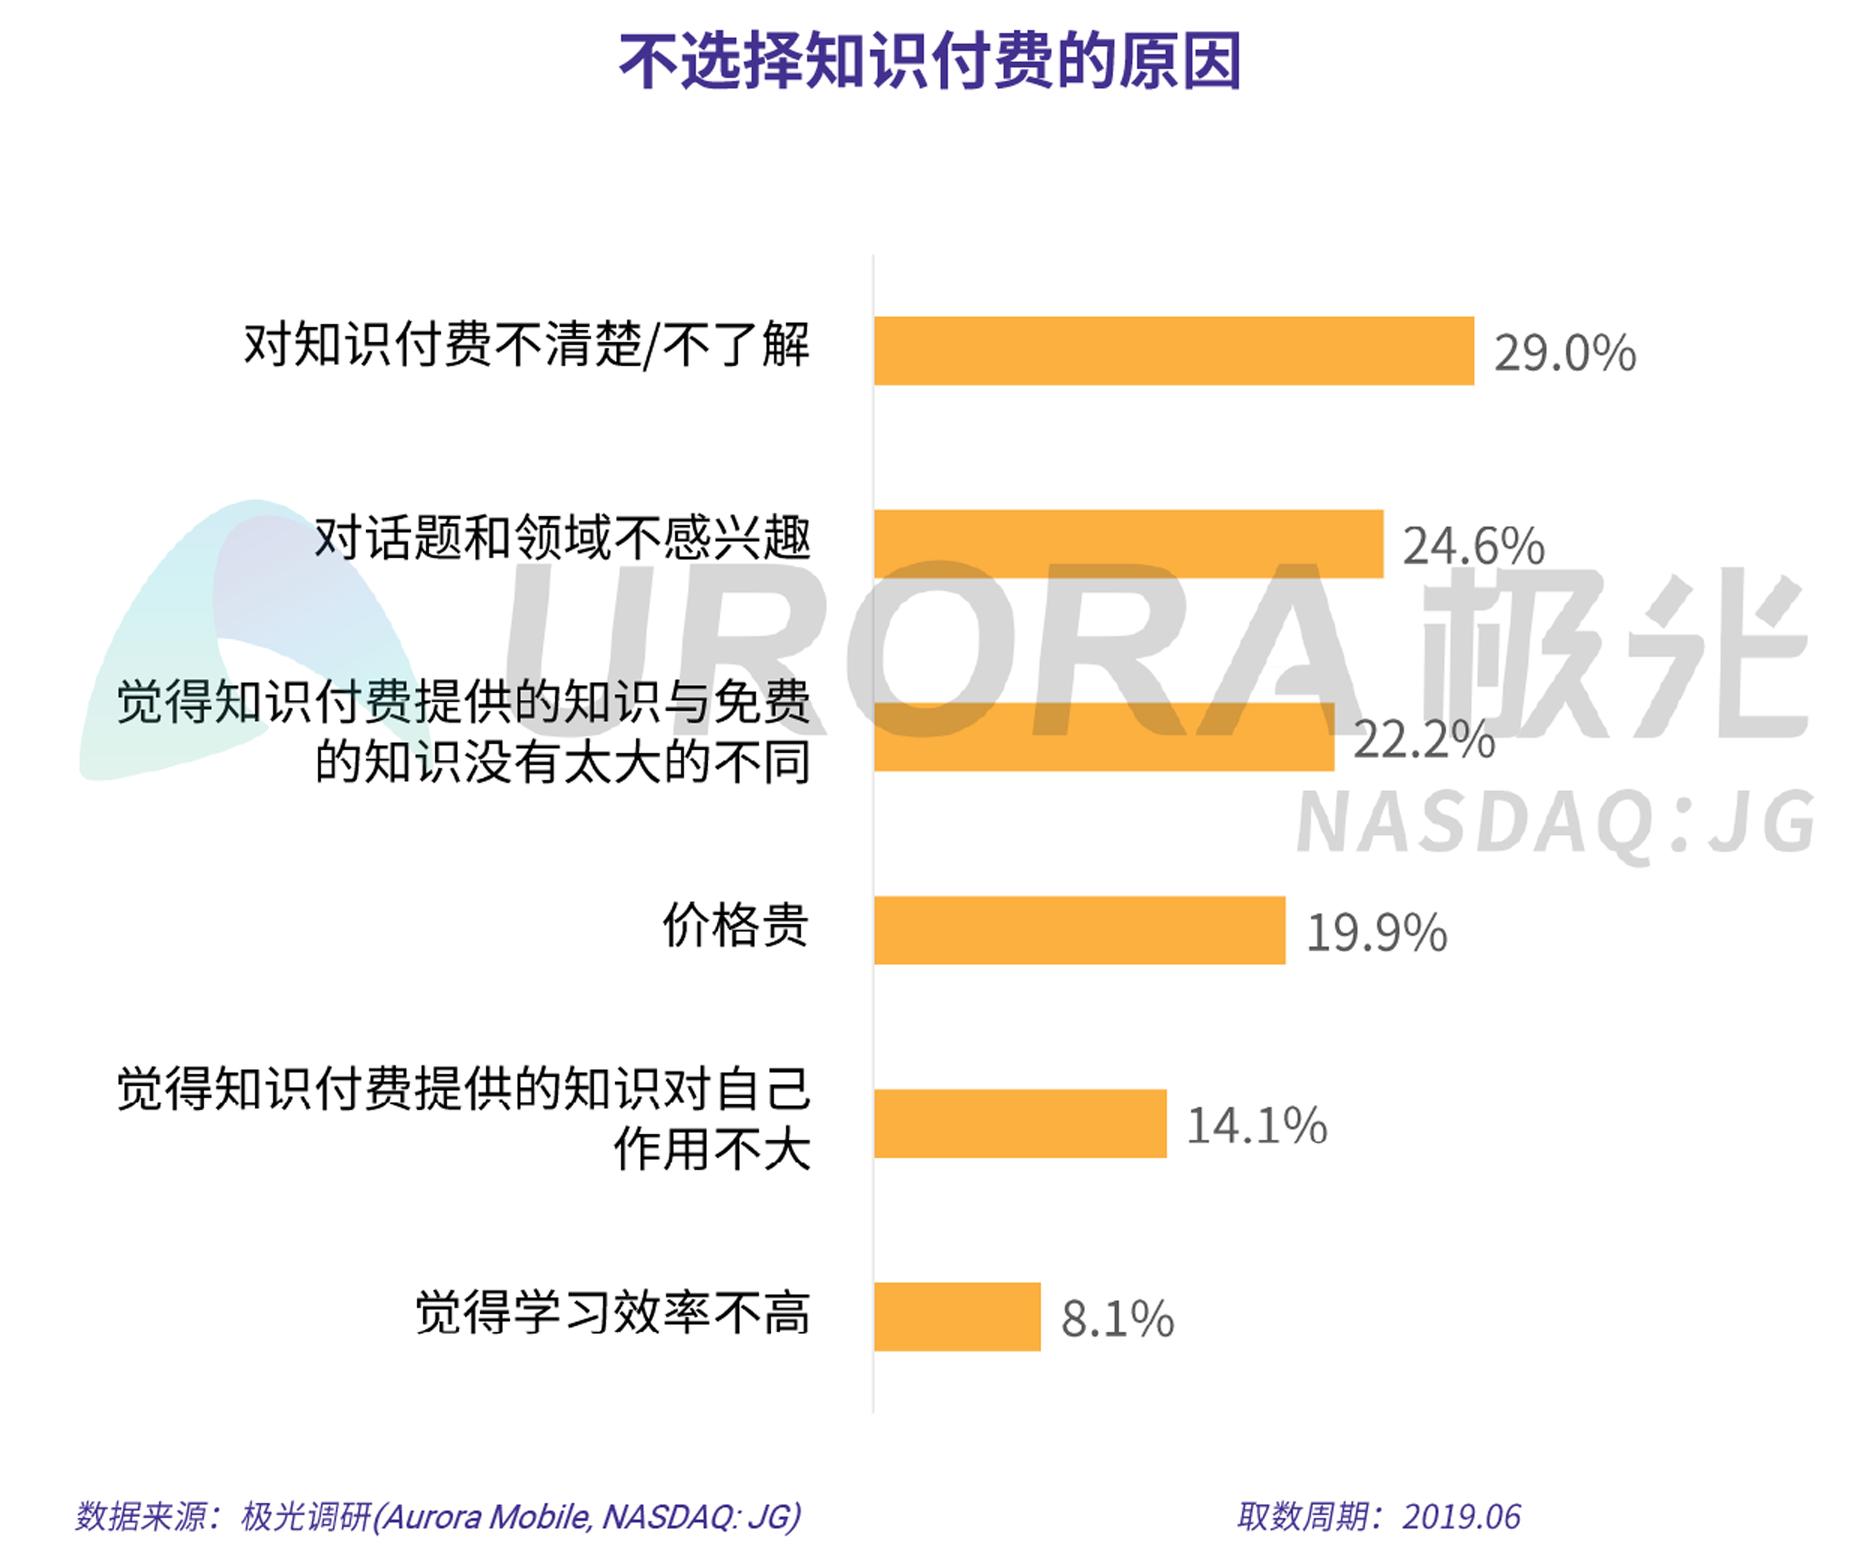 2019年消费主力人群虚拟产品付费研究报告-V5-19.png